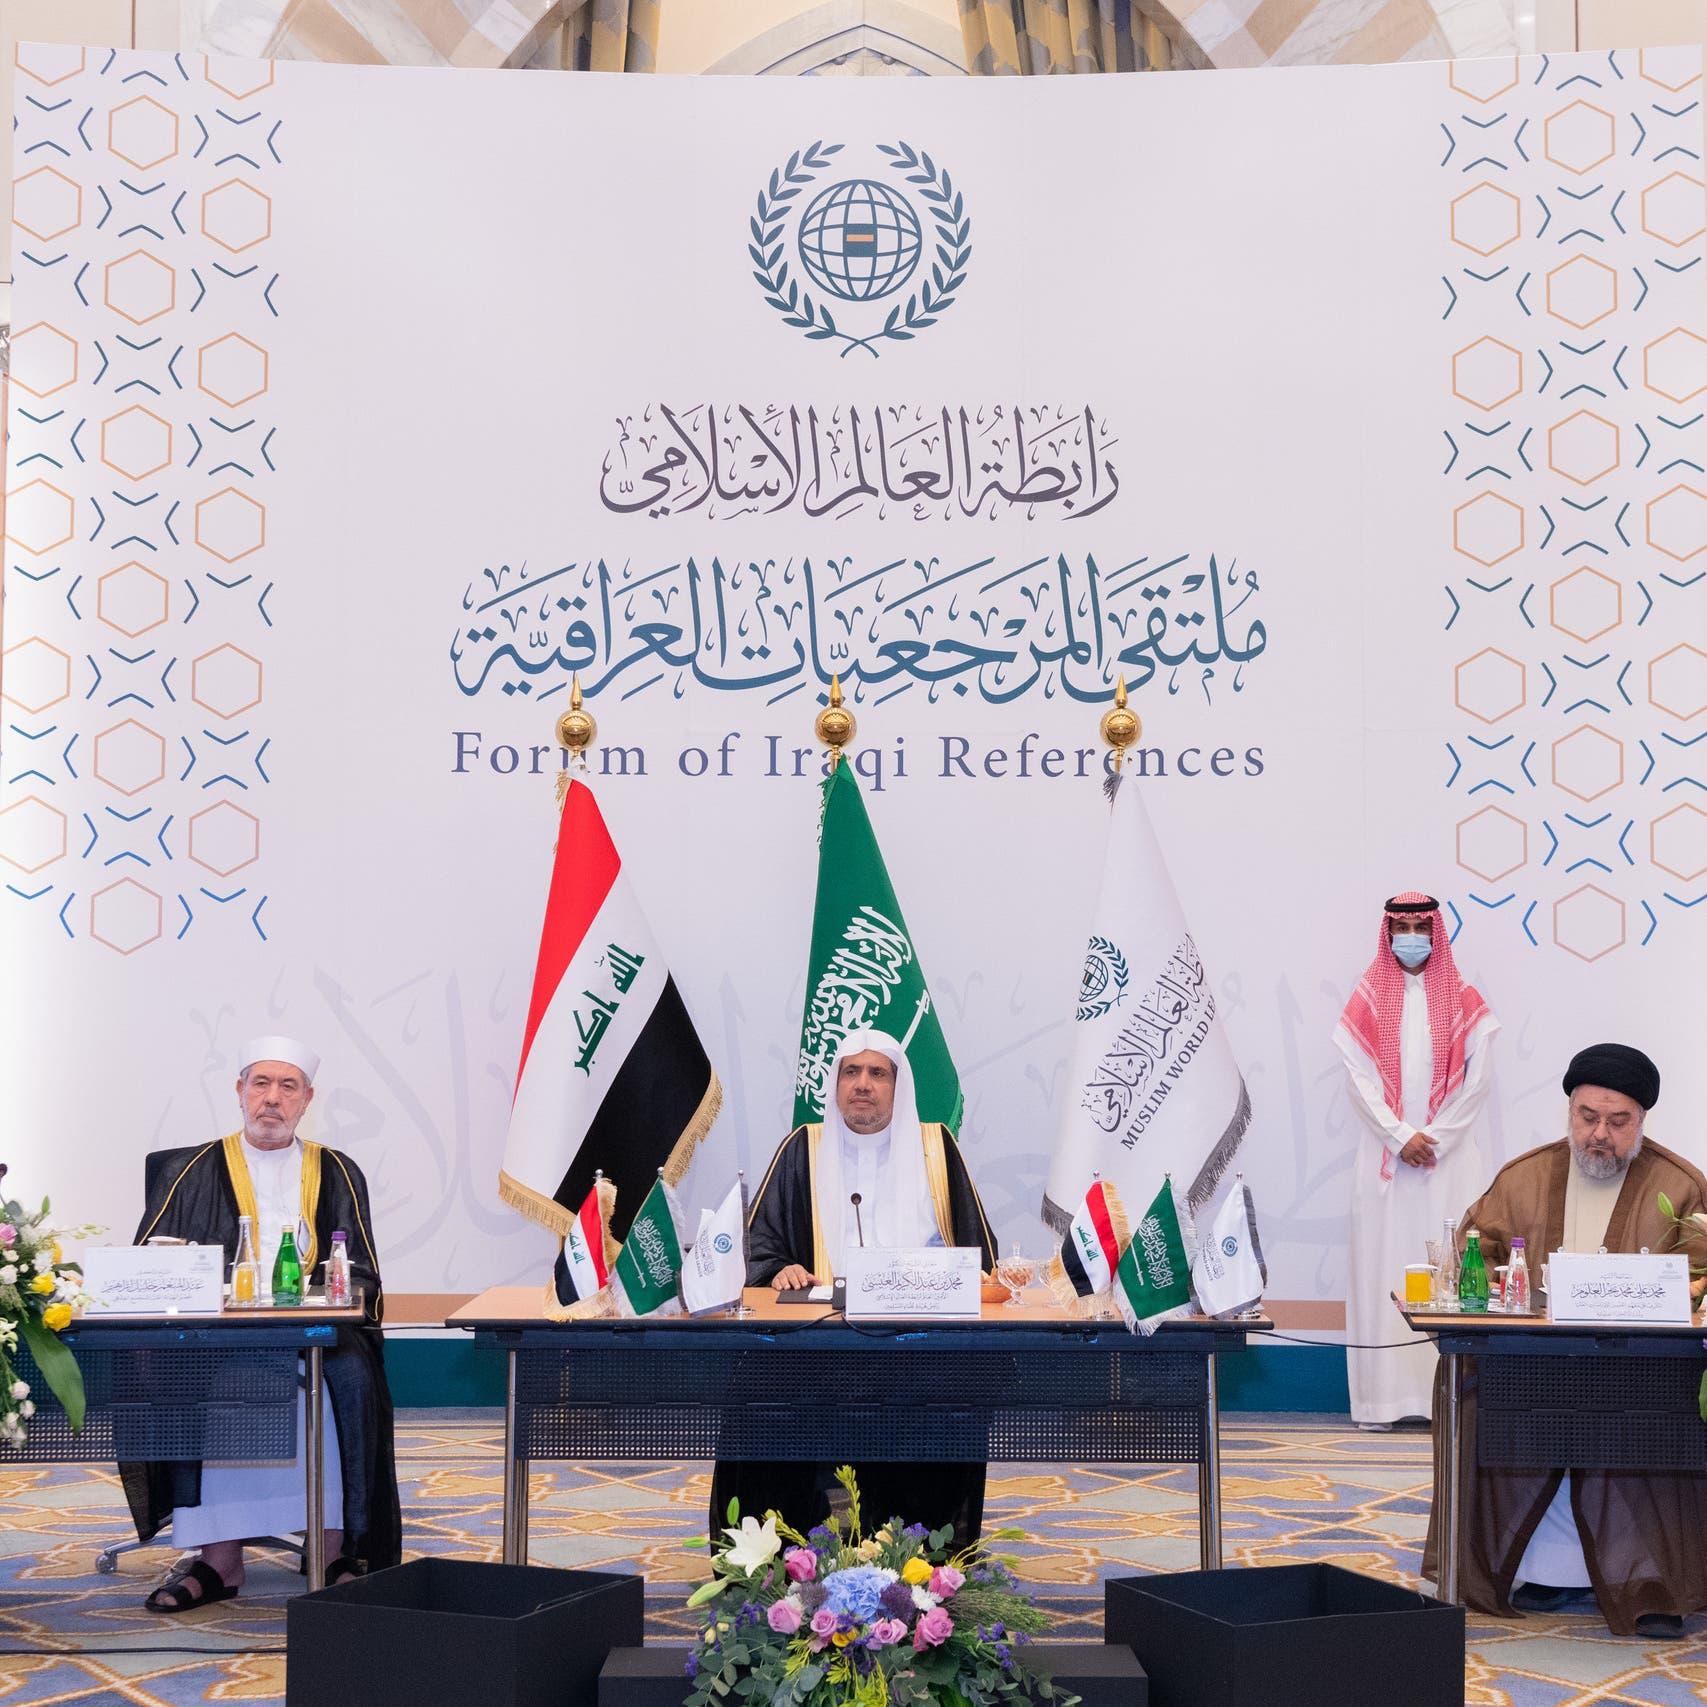 ملتقى المرجعيات العراقية.. نبذ الطائفية وترسيخ التعايش